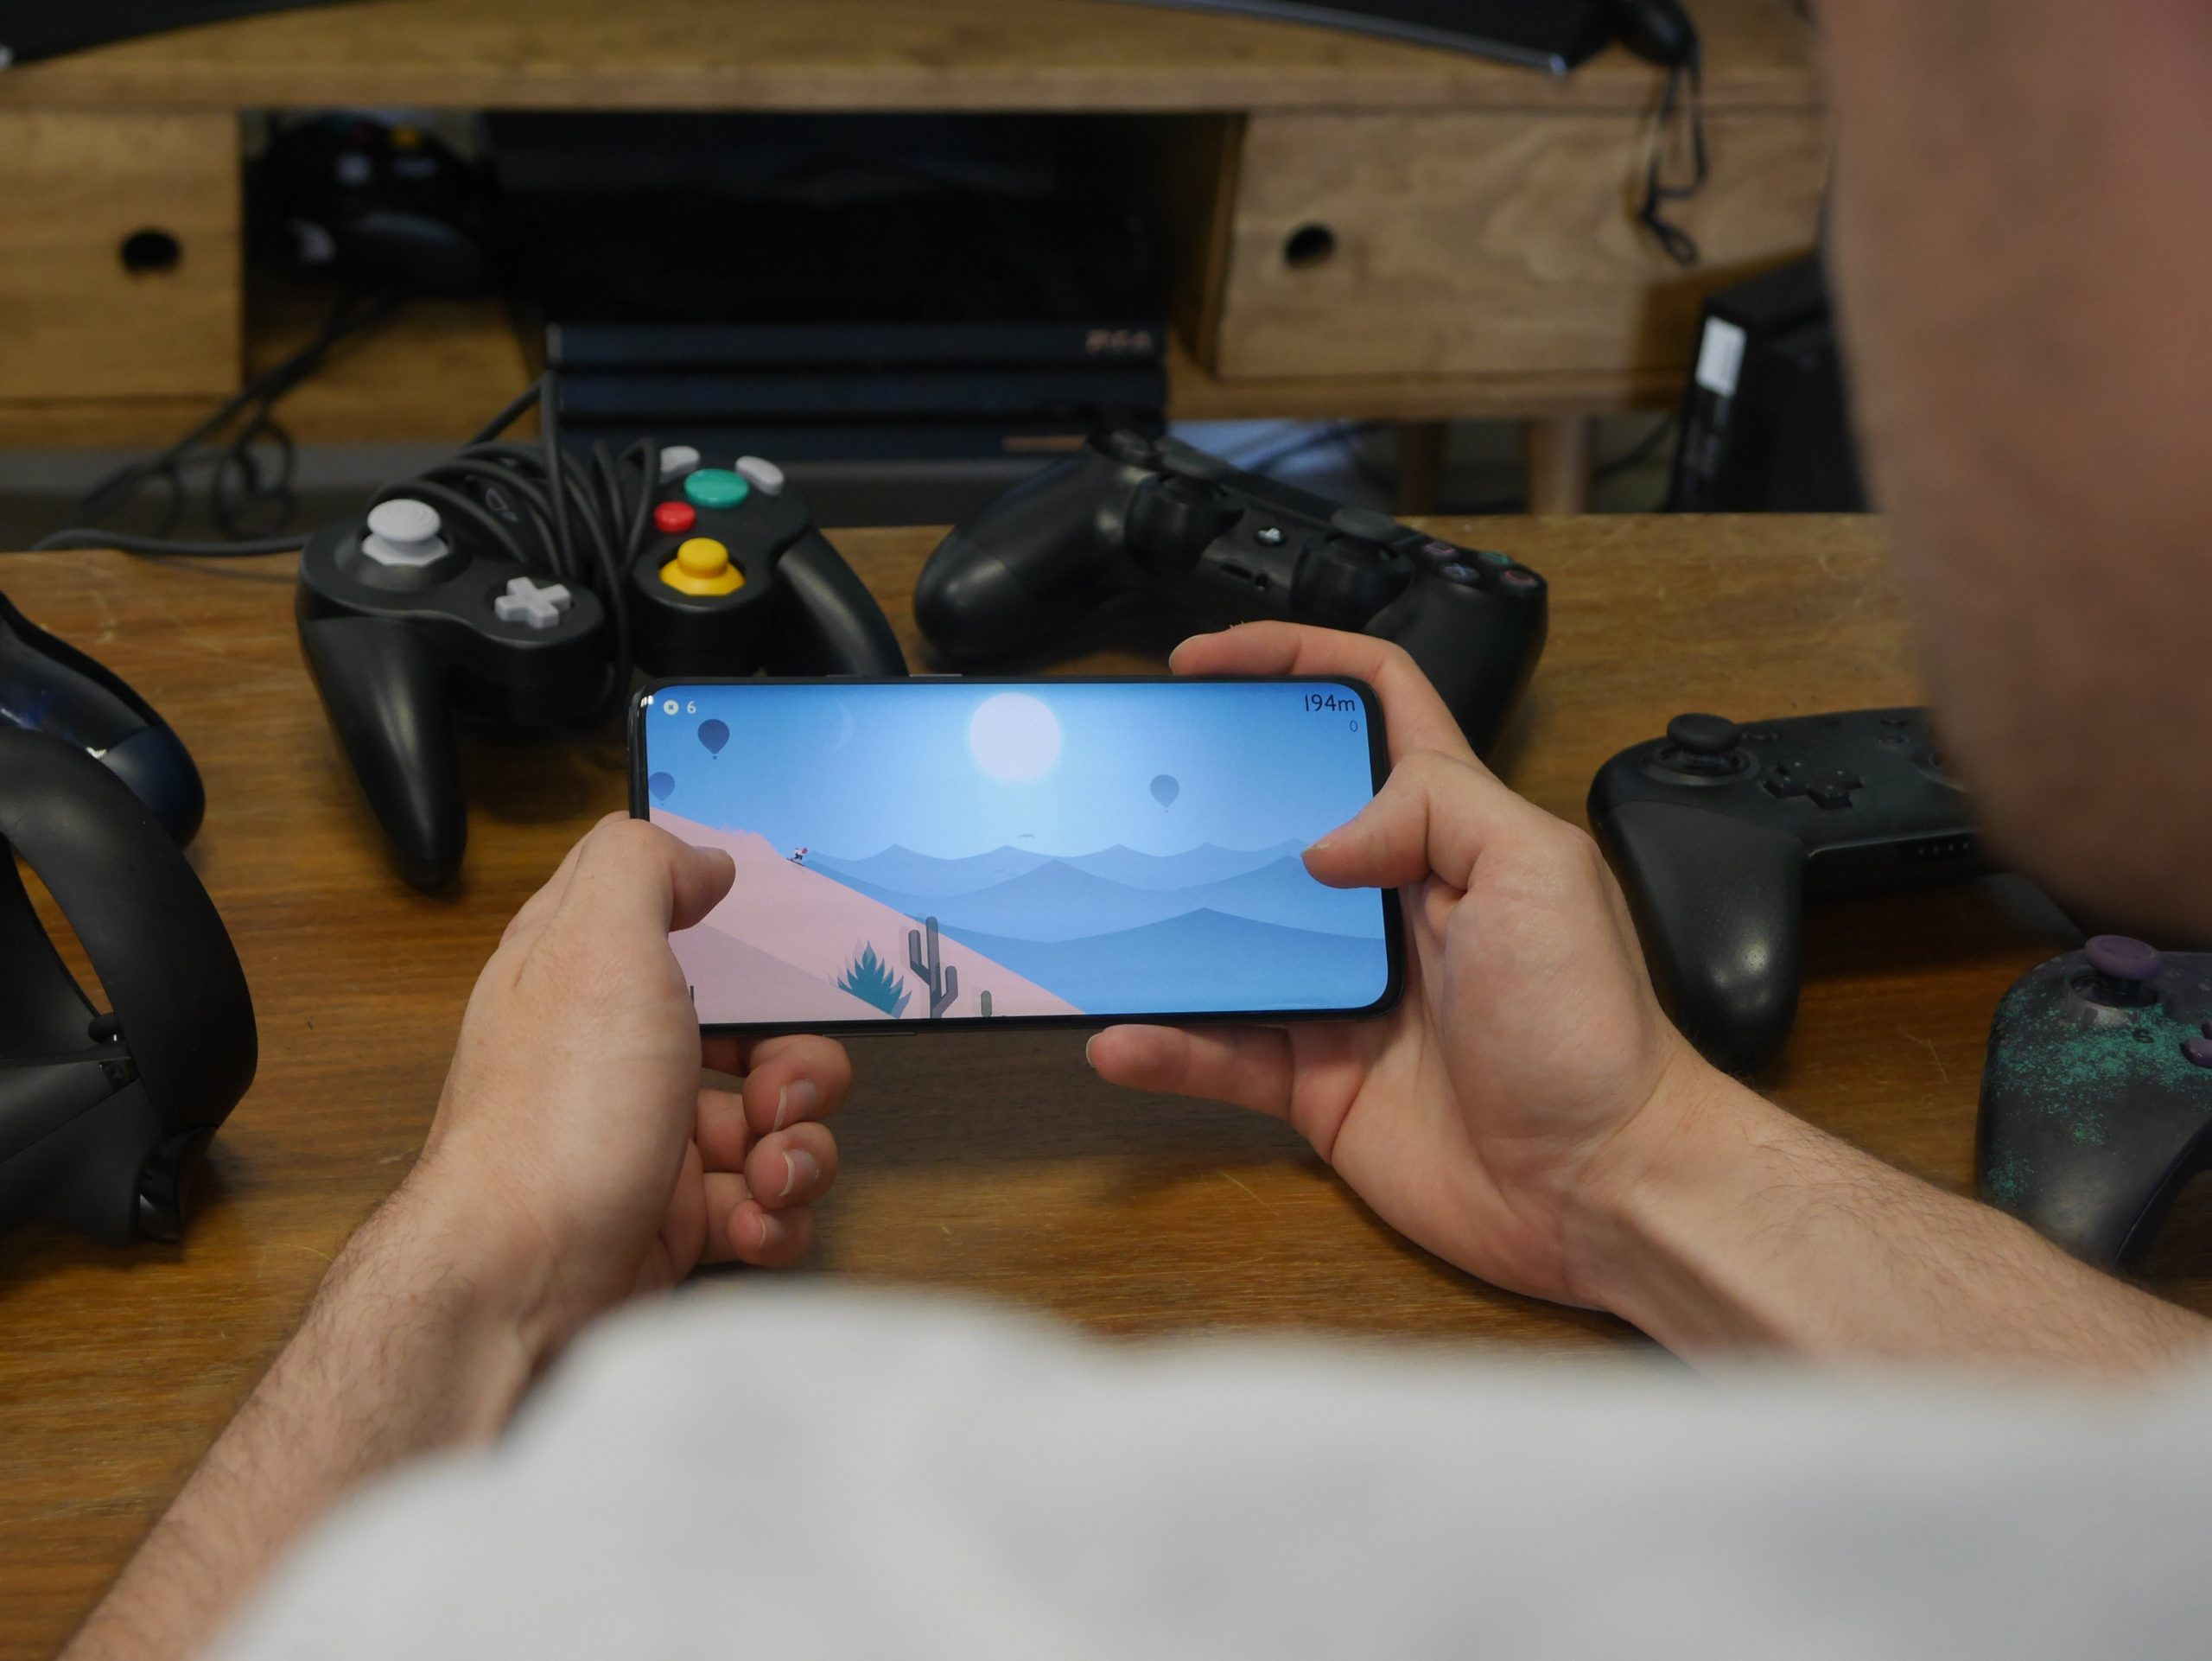 Les Meilleurs Jeux Gratuits Sur Android En 2020 intérieur Jeux De Lettres Gratuits